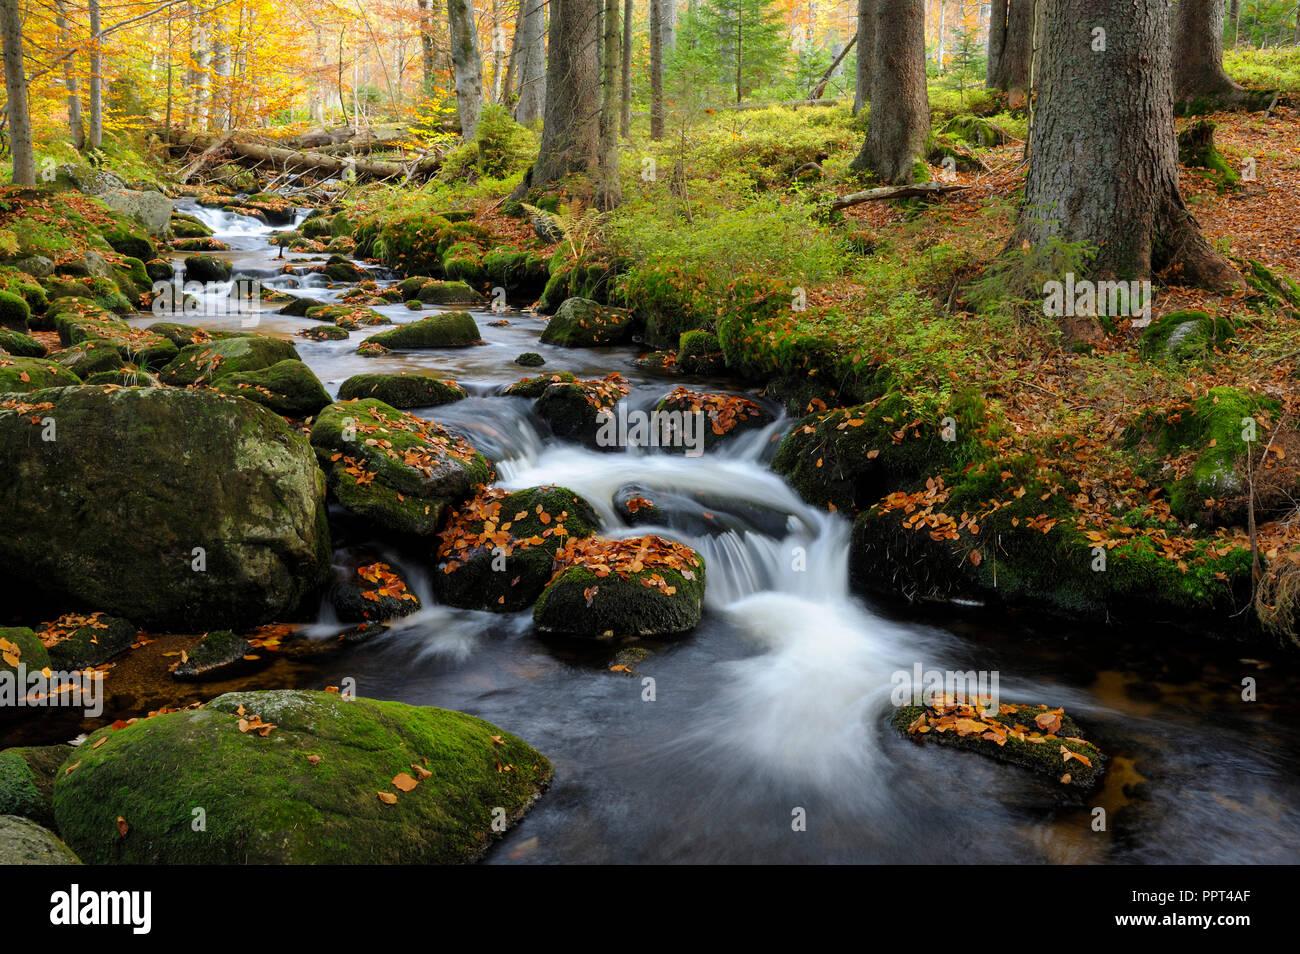 Kleine Ohe, october, Bavarian Forest National Park, Germany, Waldhäuser - Stock Image